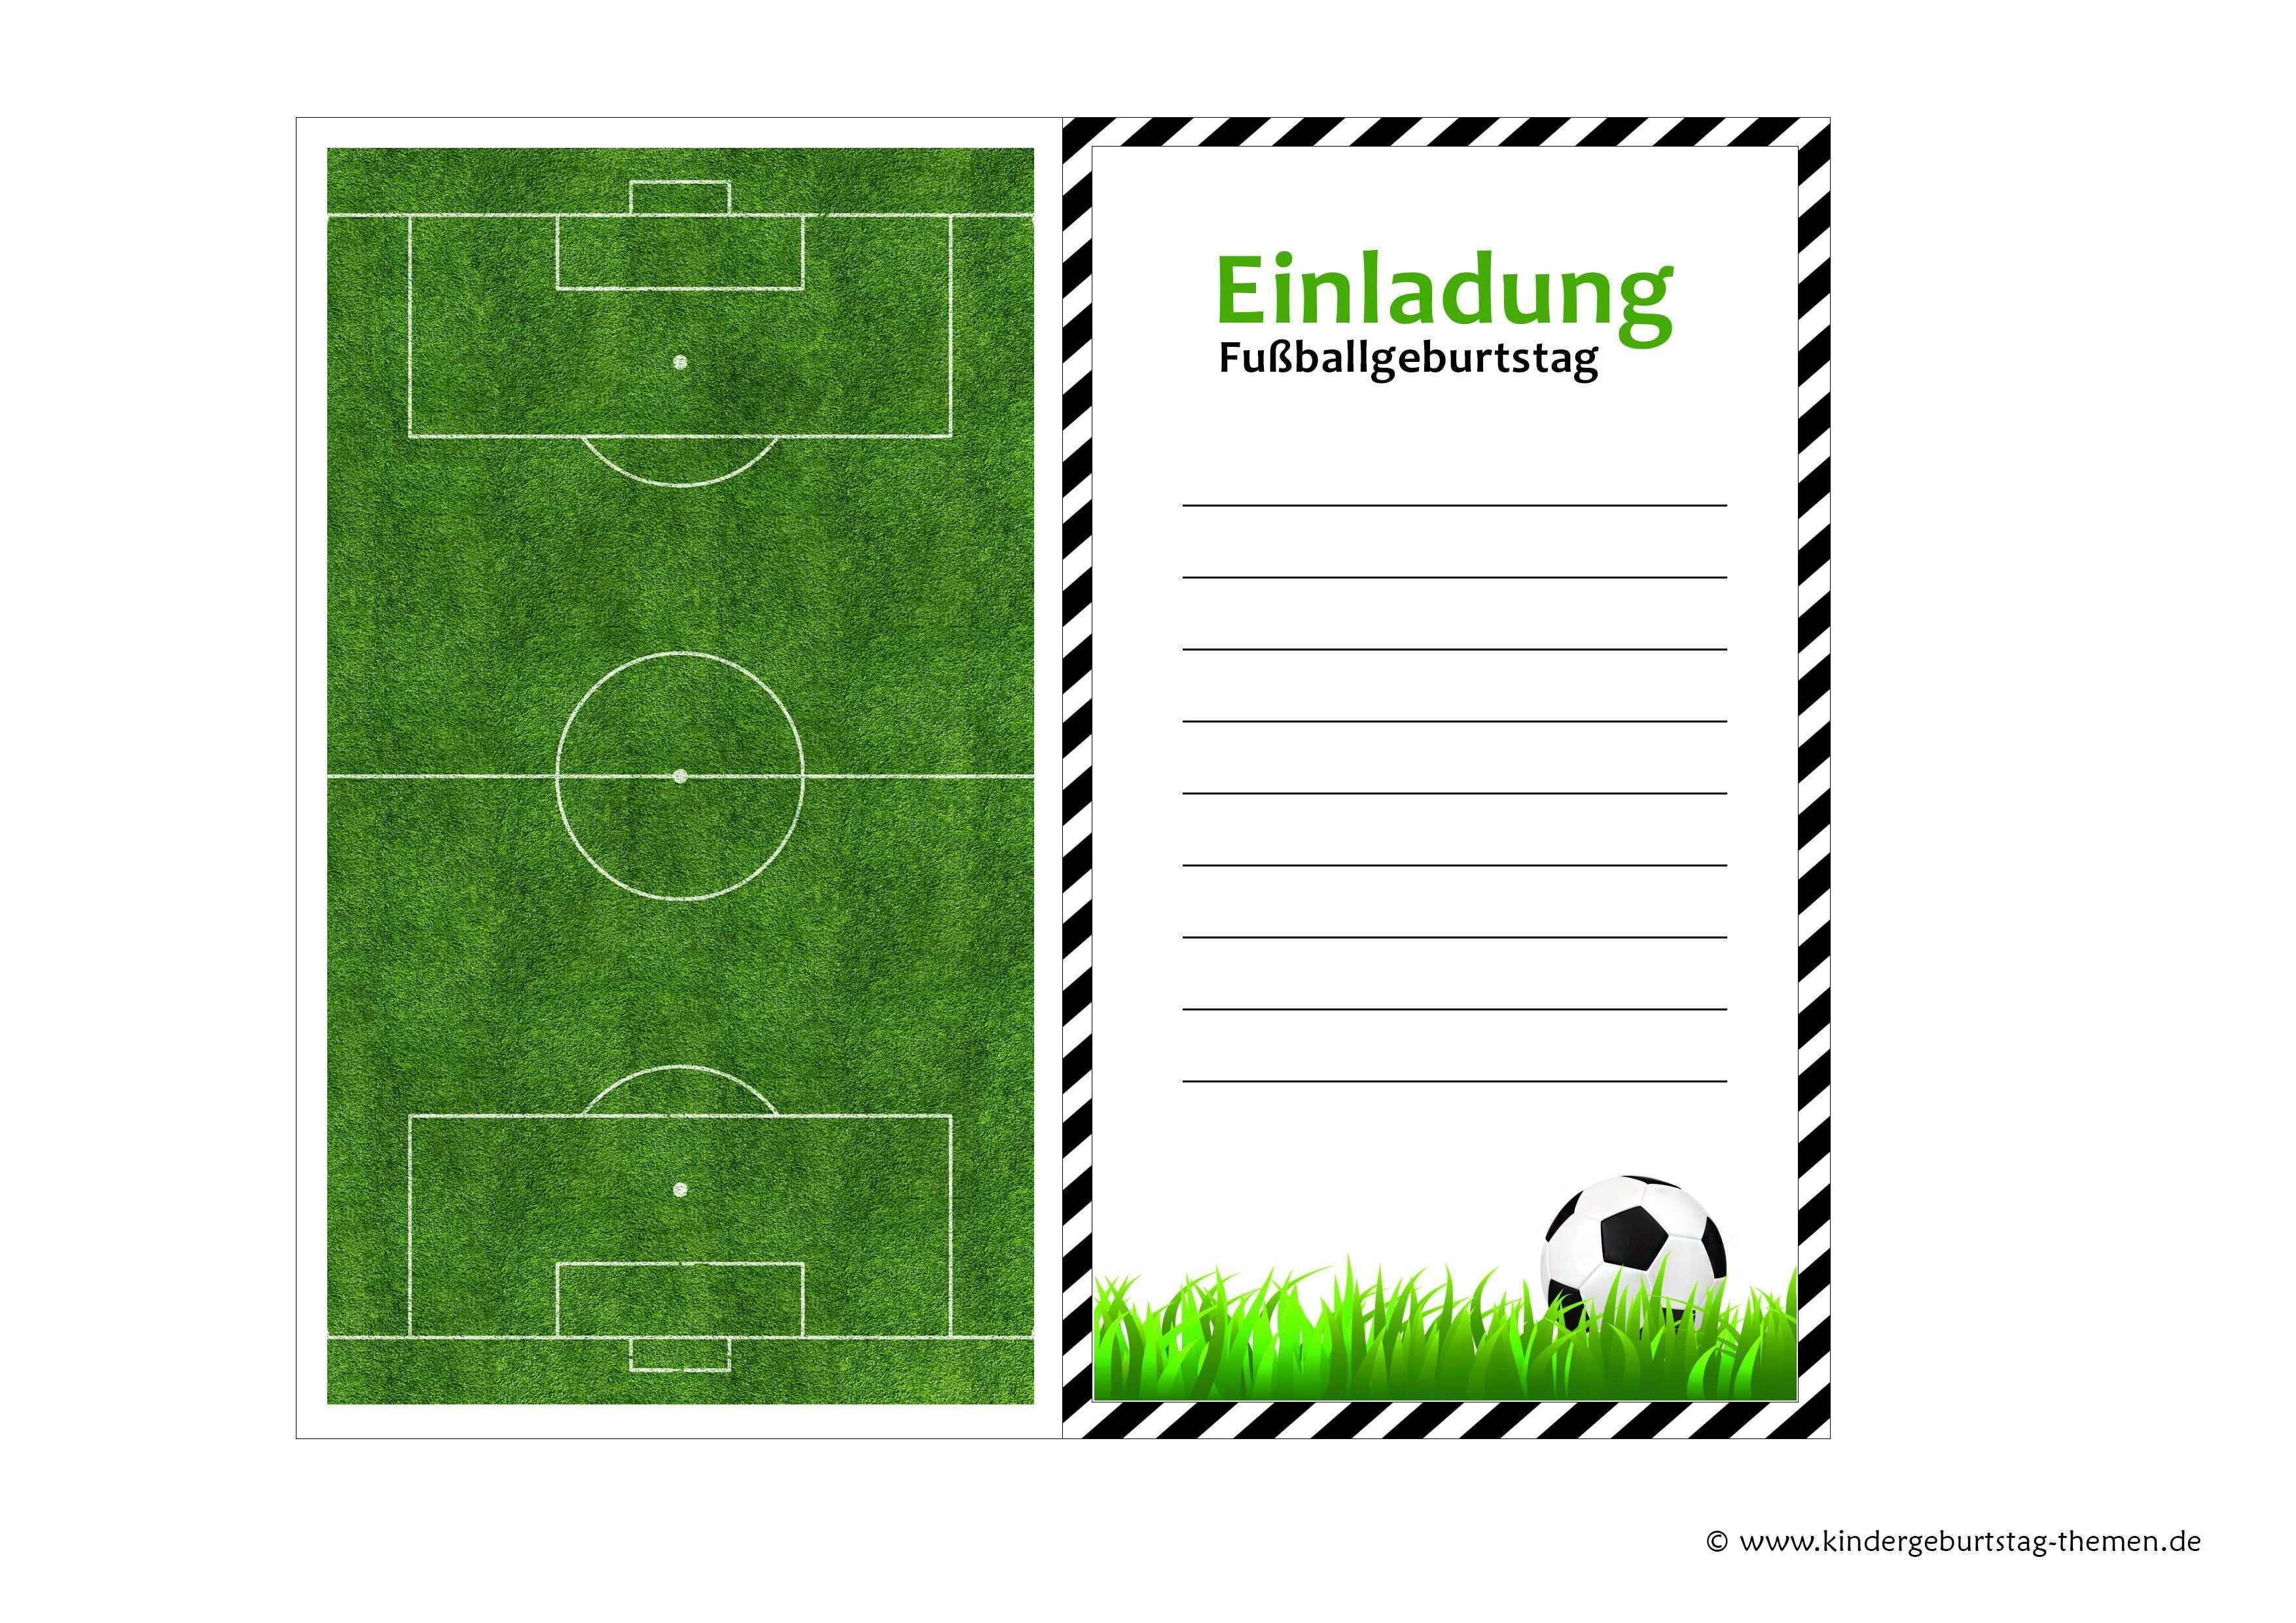 Fussball Einladung Kostenlose Vorlagen Zum Ausdrucken Geburtstagseinladungen Zum Ausdrucken Einladungskarten Kindergeburtstag Einladungskarten Geburtstag Selbst Gestalten